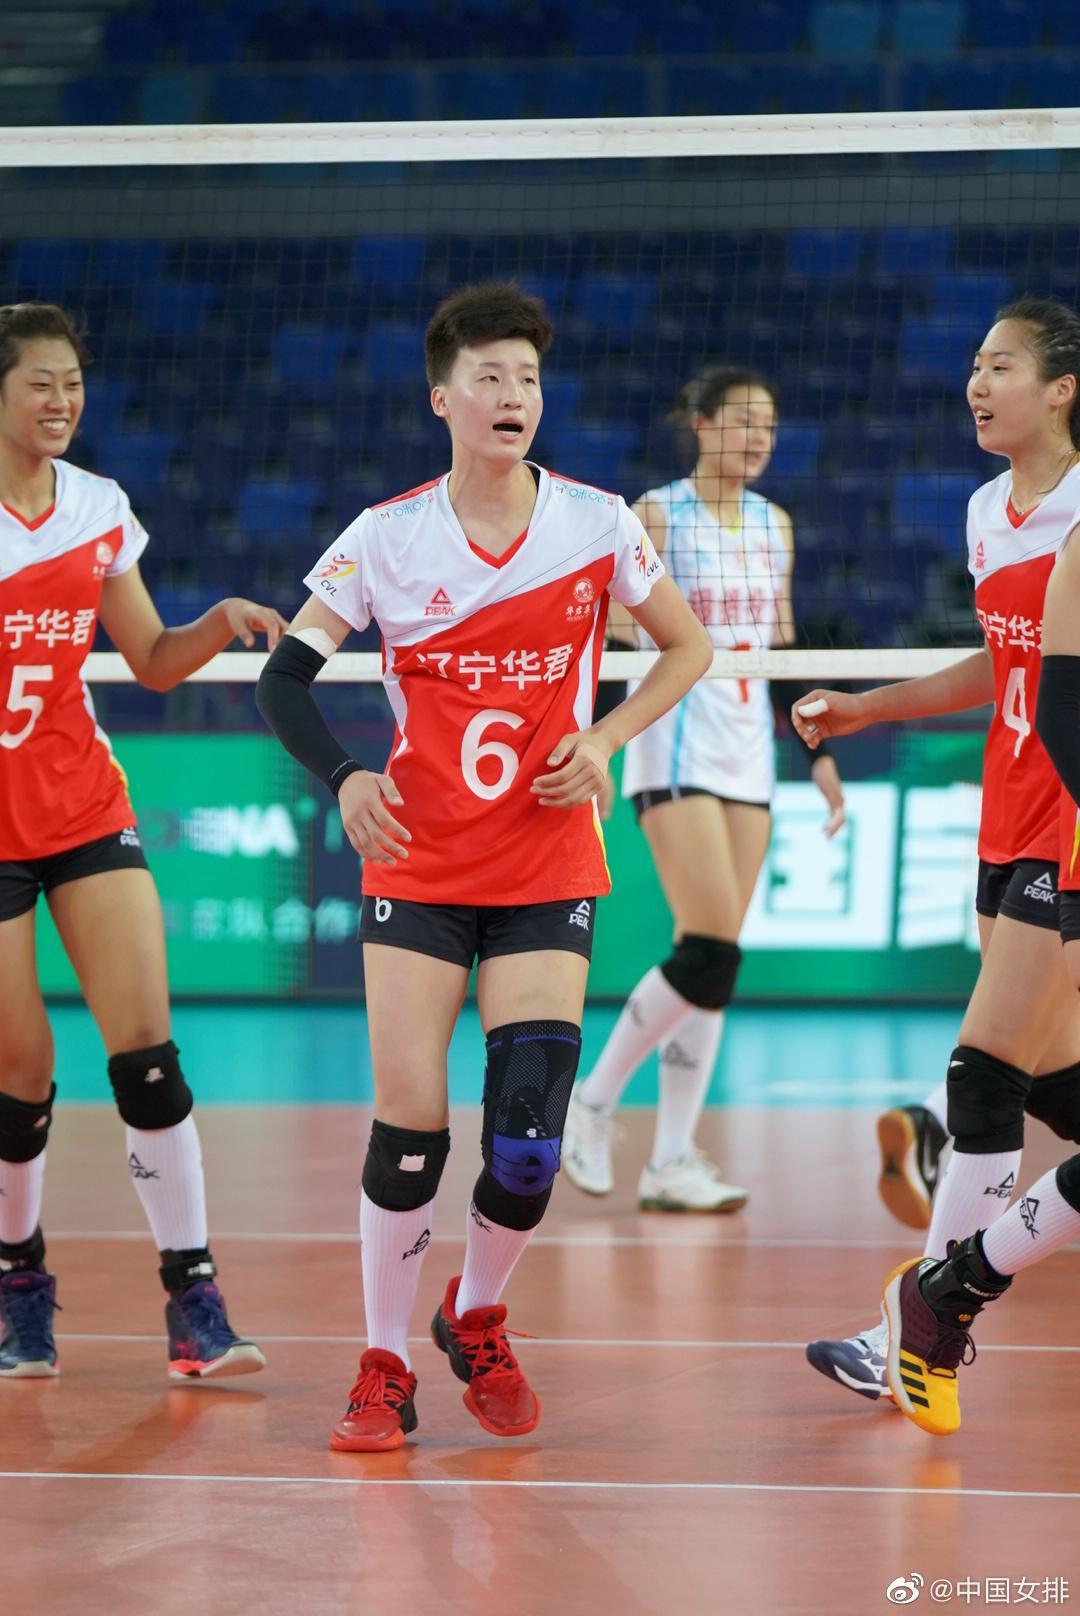 全锦赛辽宁女排3-2力克河南 福建3-1险胜北京队